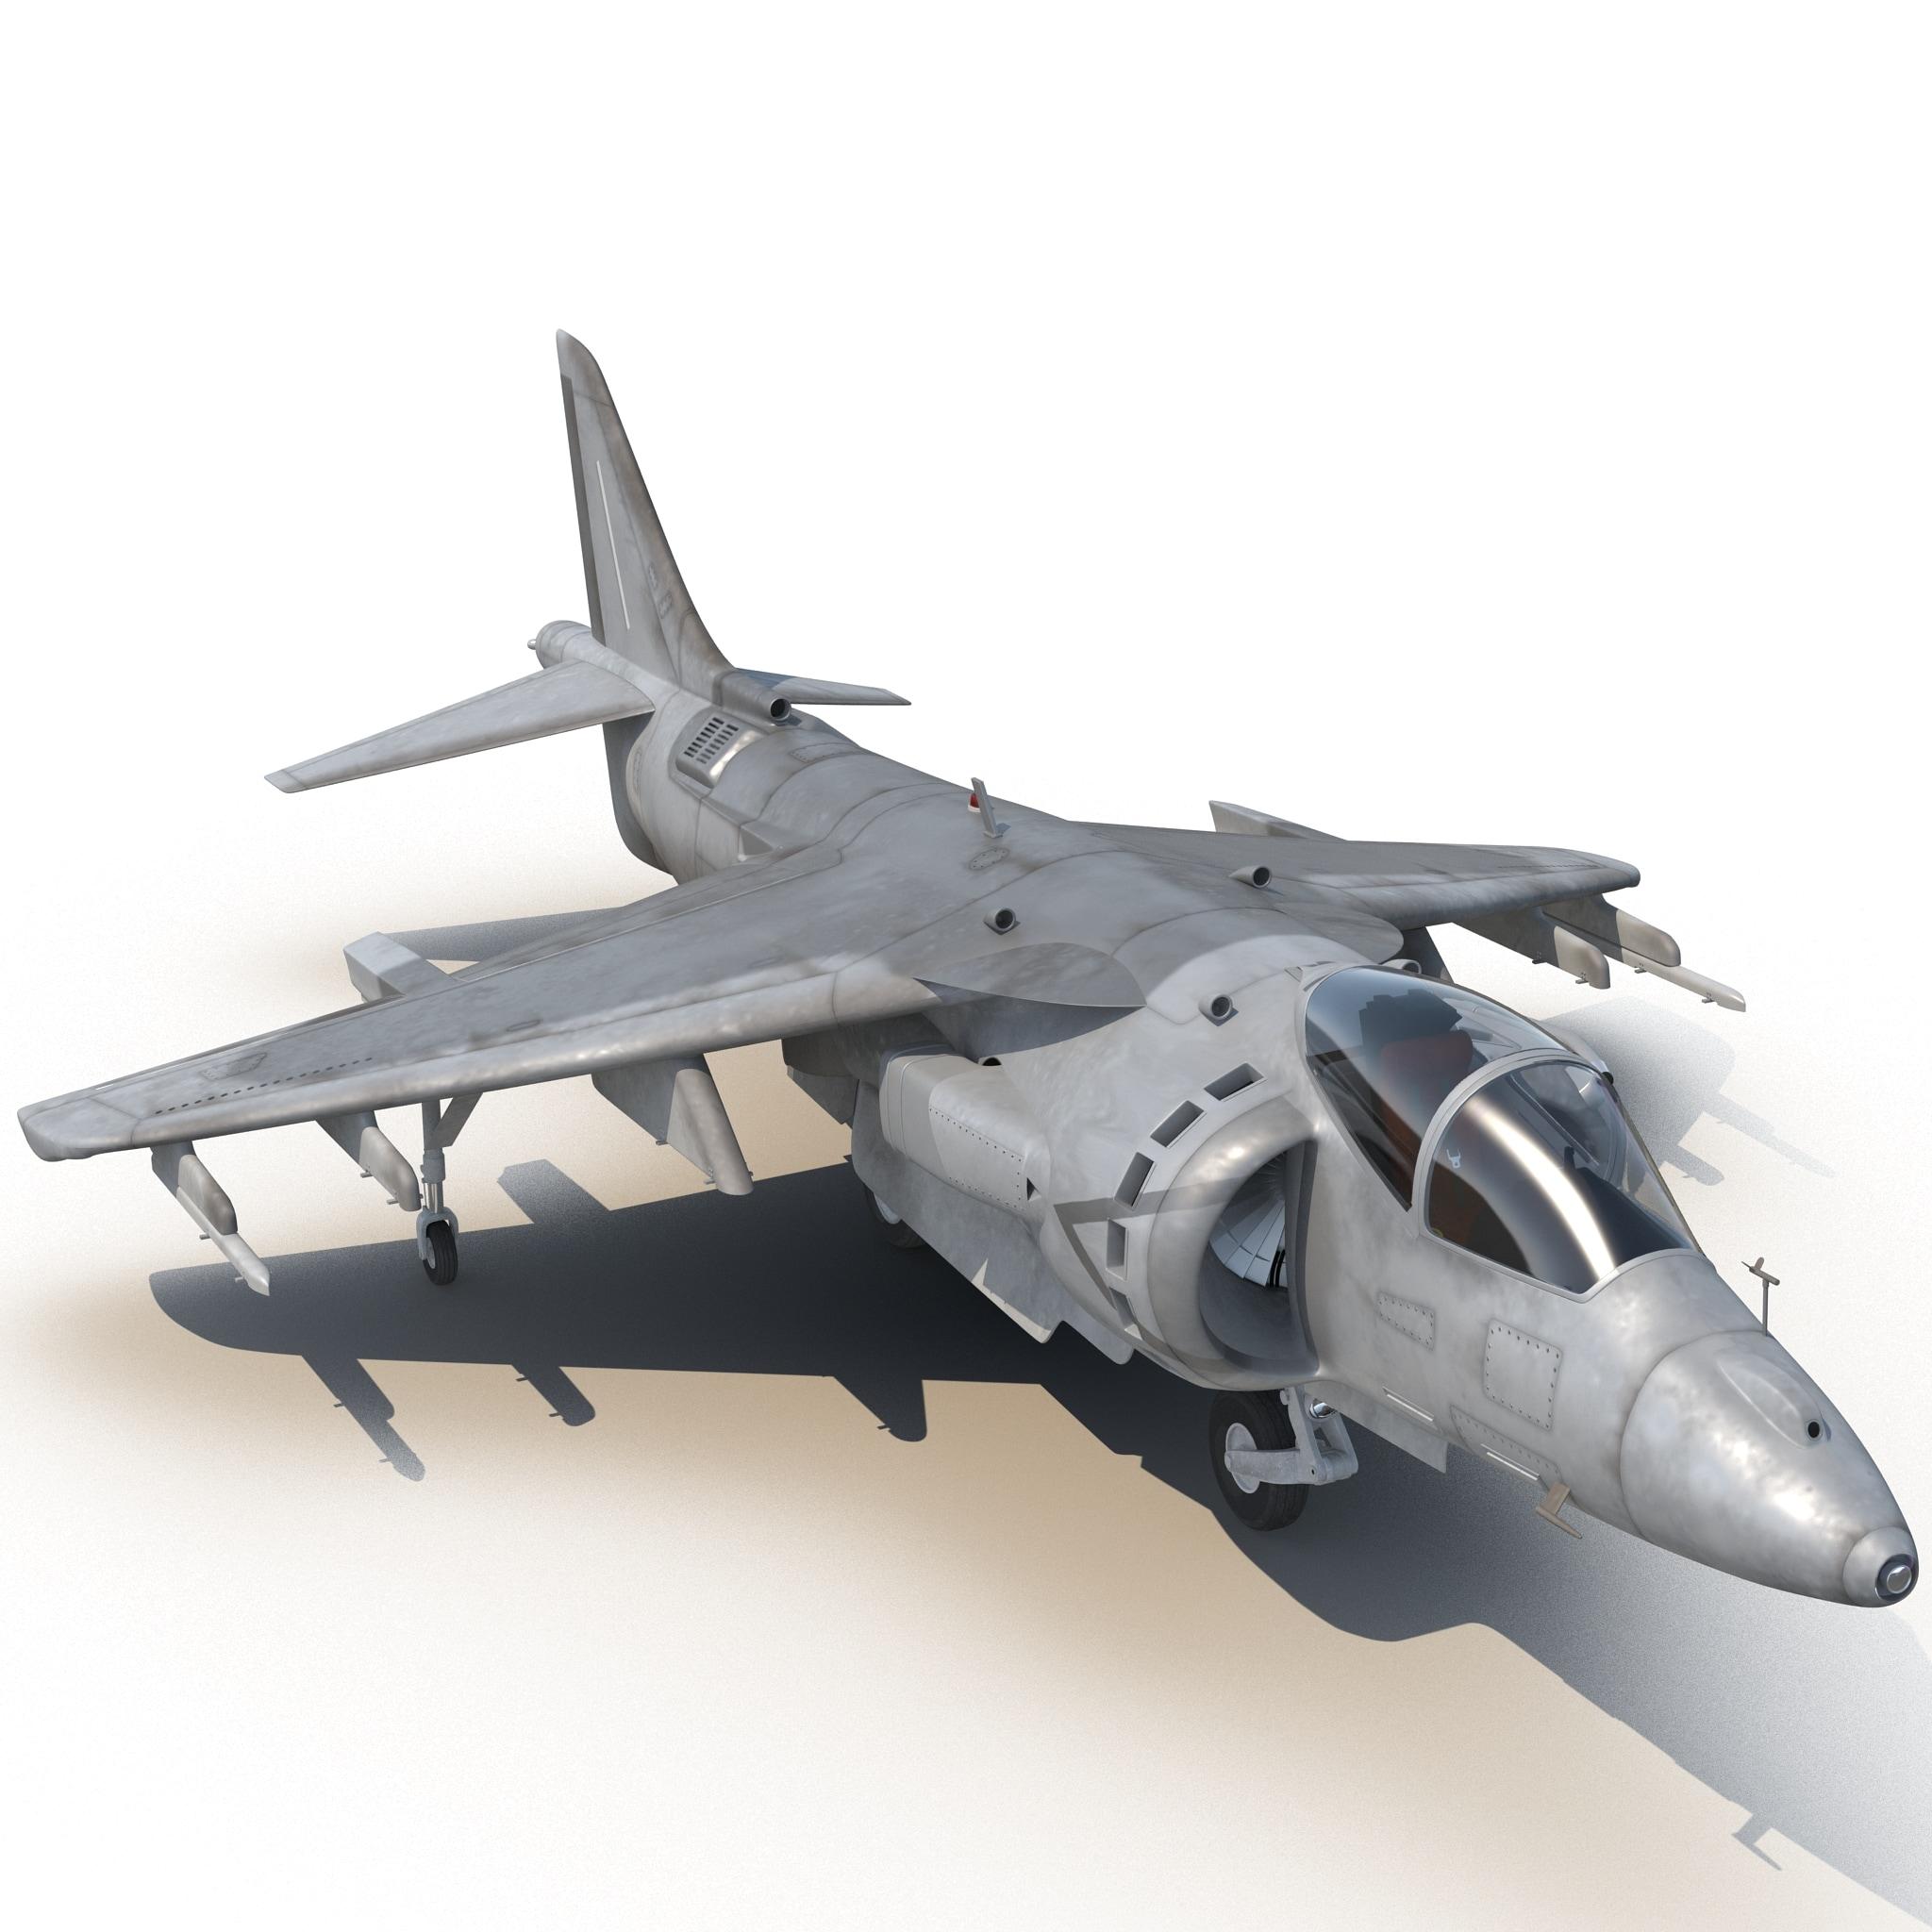 McDonnell_Douglas_AV_8B_Harrier_II_001.jpg